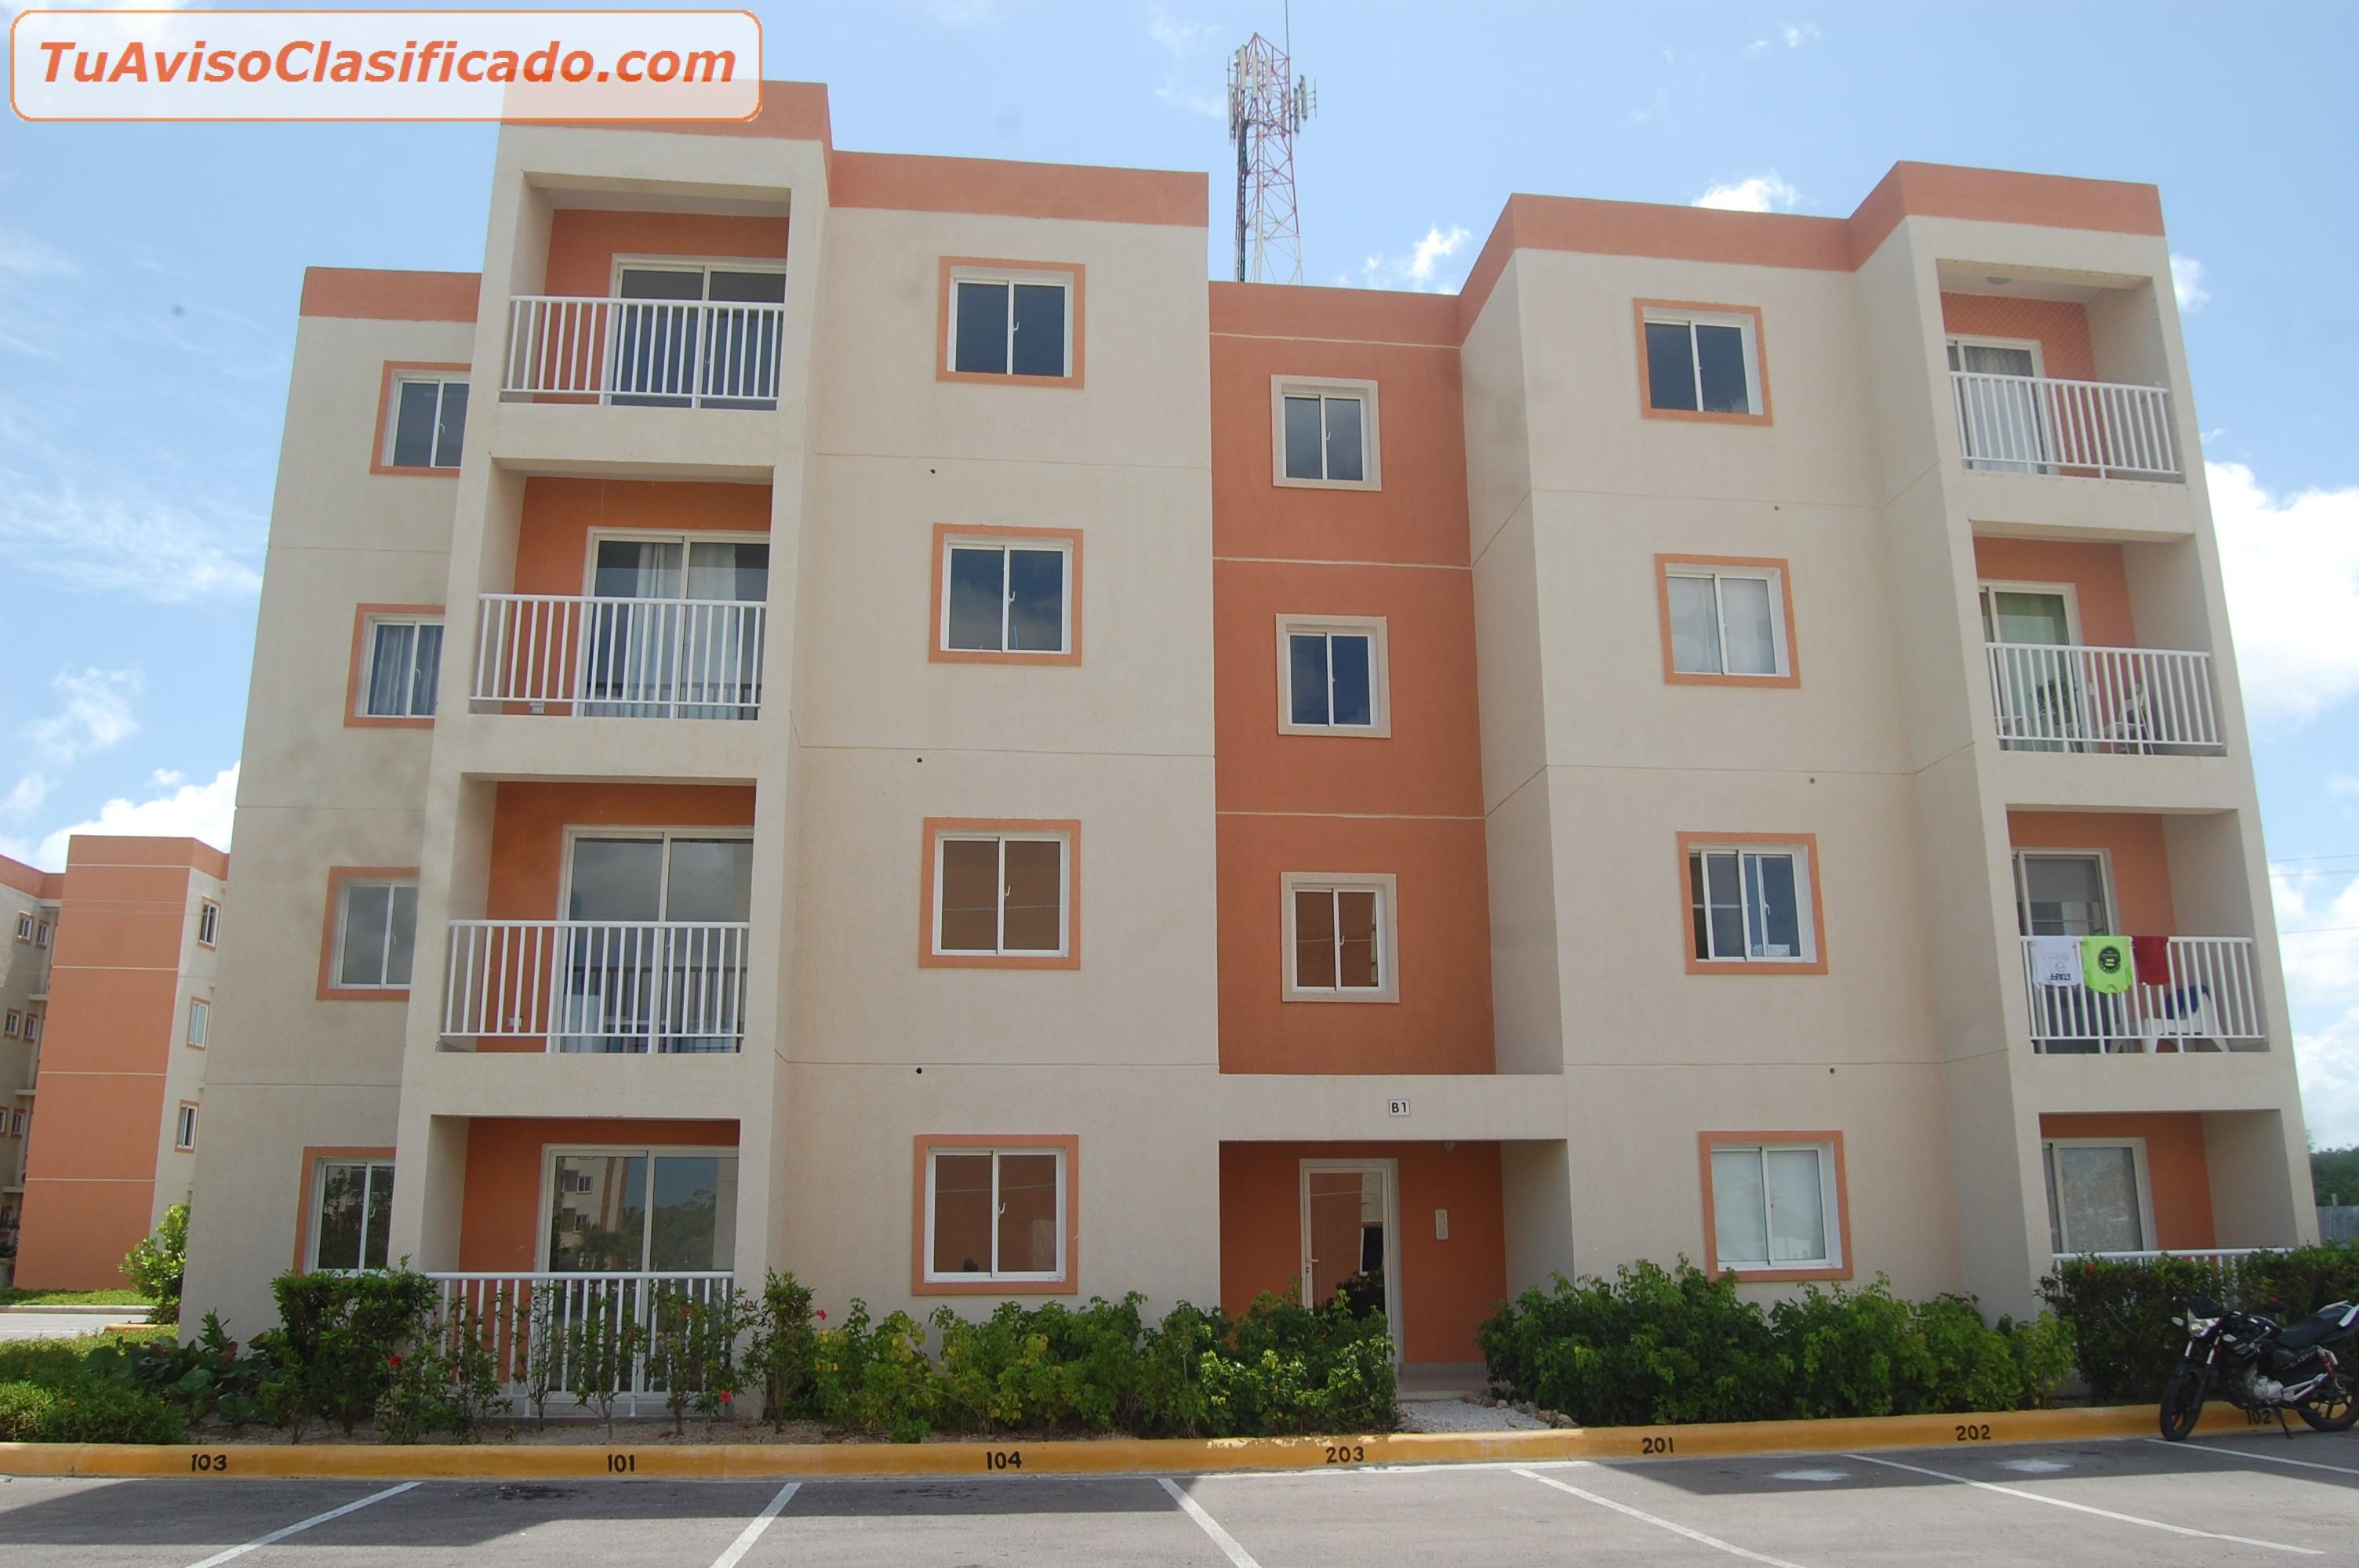 Apartamentos en alquiler en veron punta cana inmuebles y propied - Apartamentos alicante alquiler ...